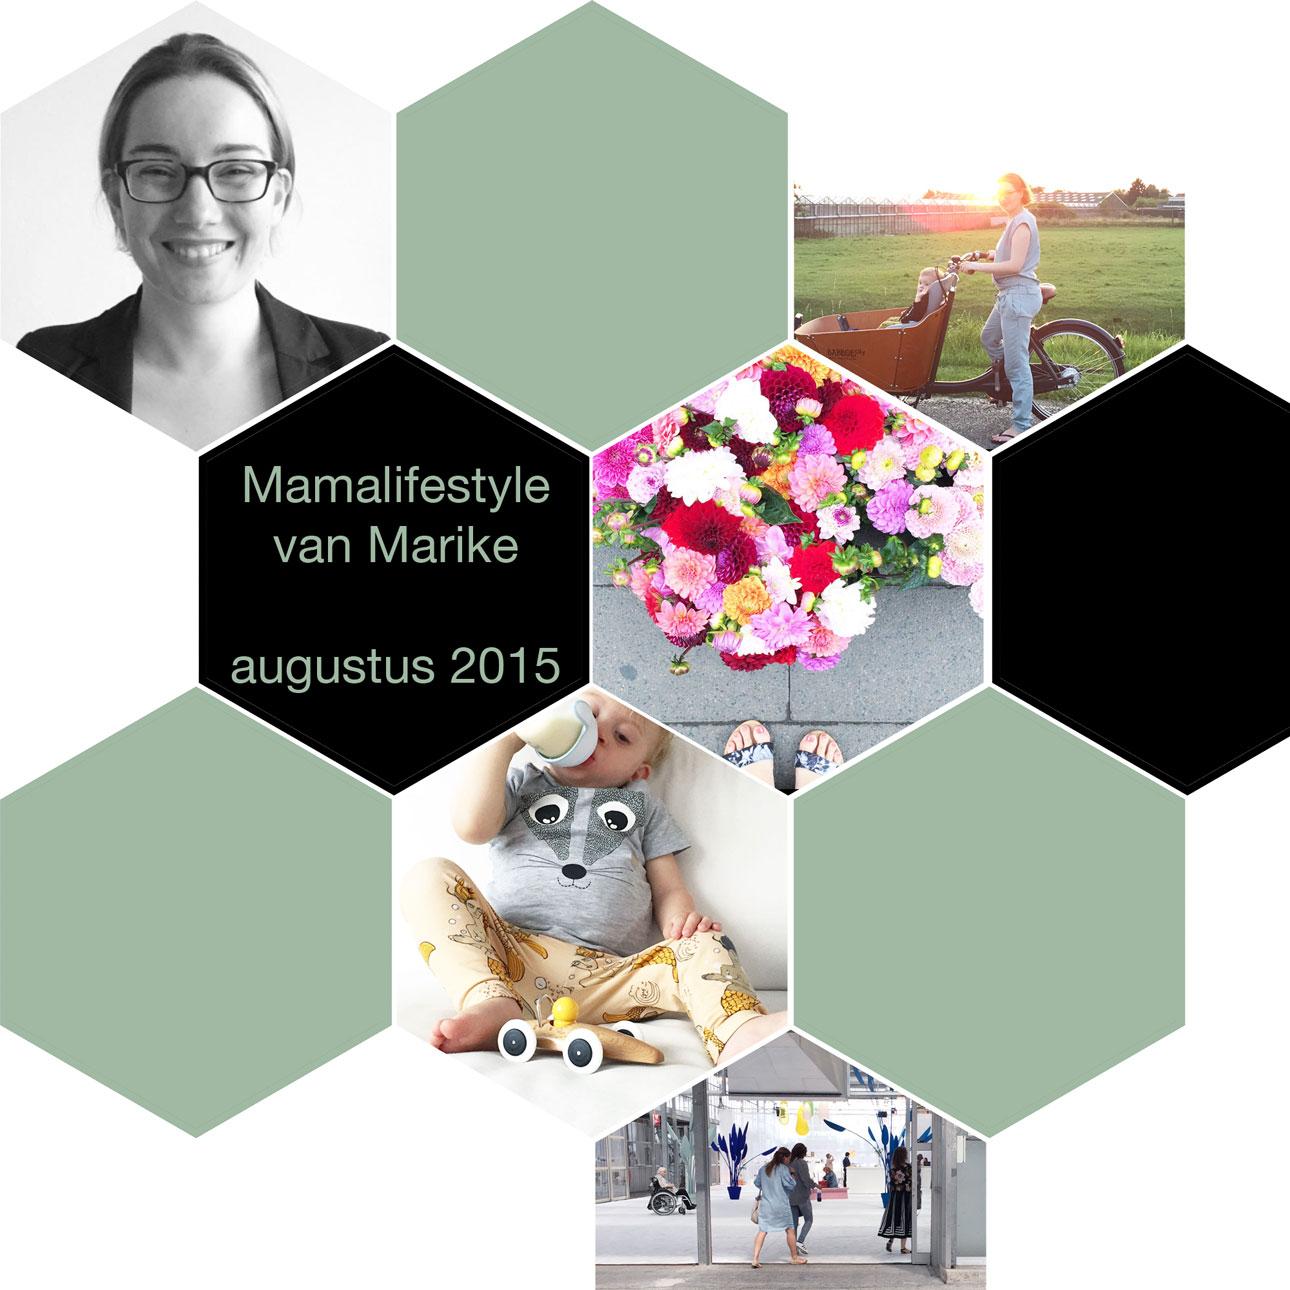 Mamalifestyle maandoverzicht augustus 2015 uitgelicht